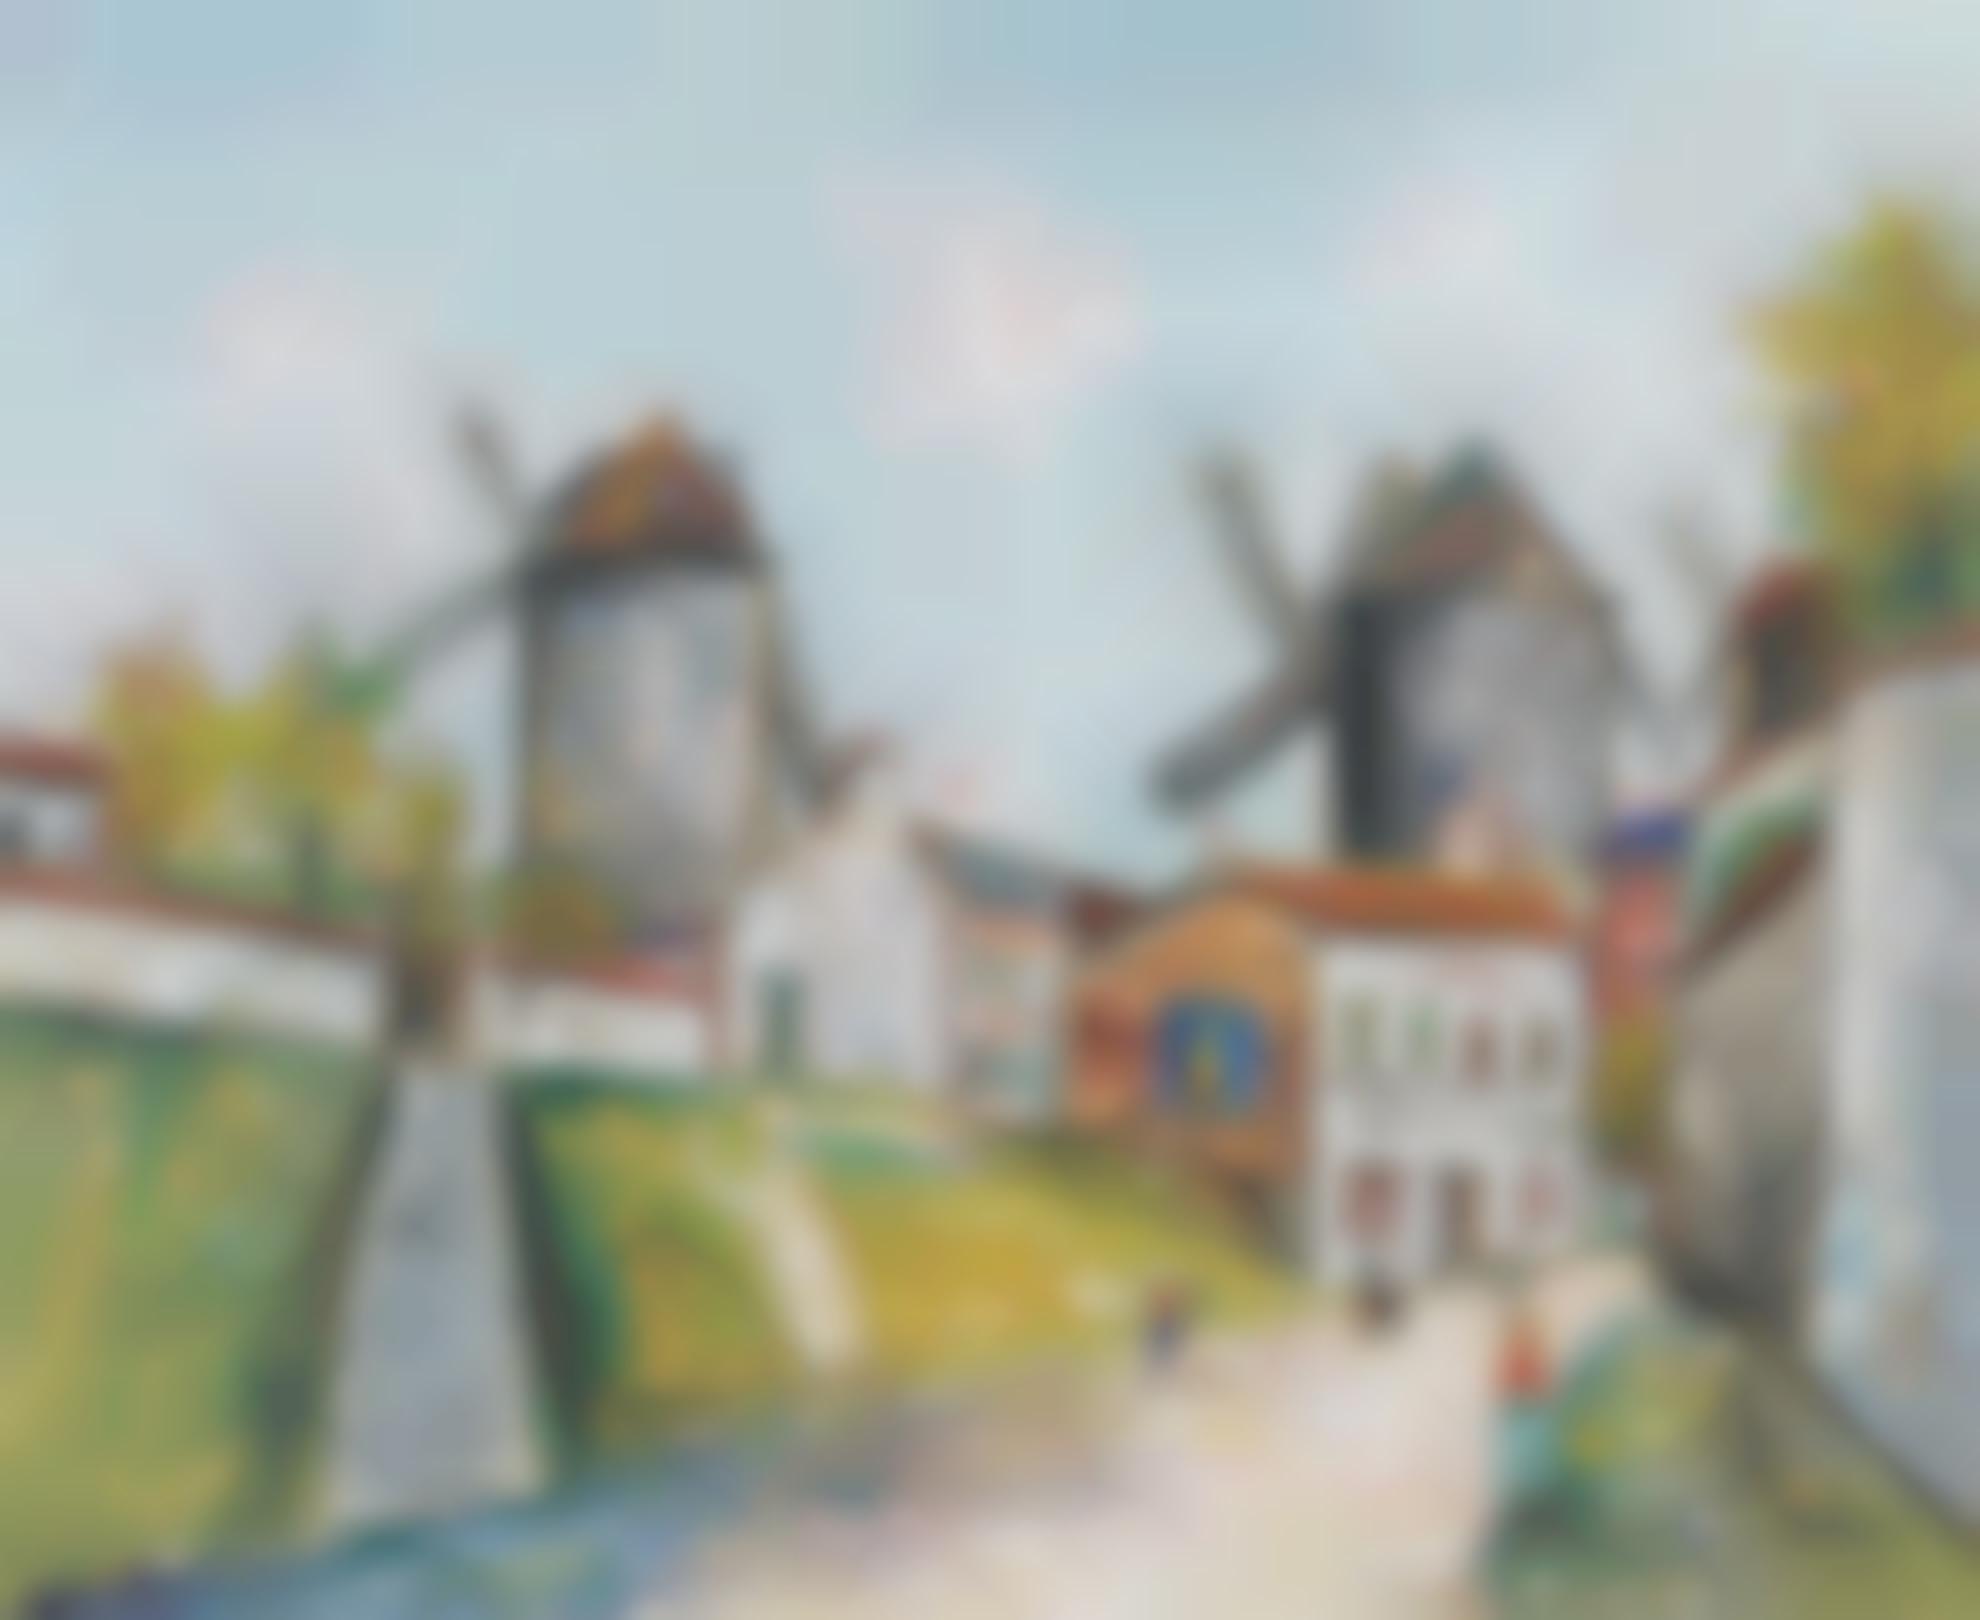 Maurice Utrillo-Les Trois Moulins, Montmartre-1952